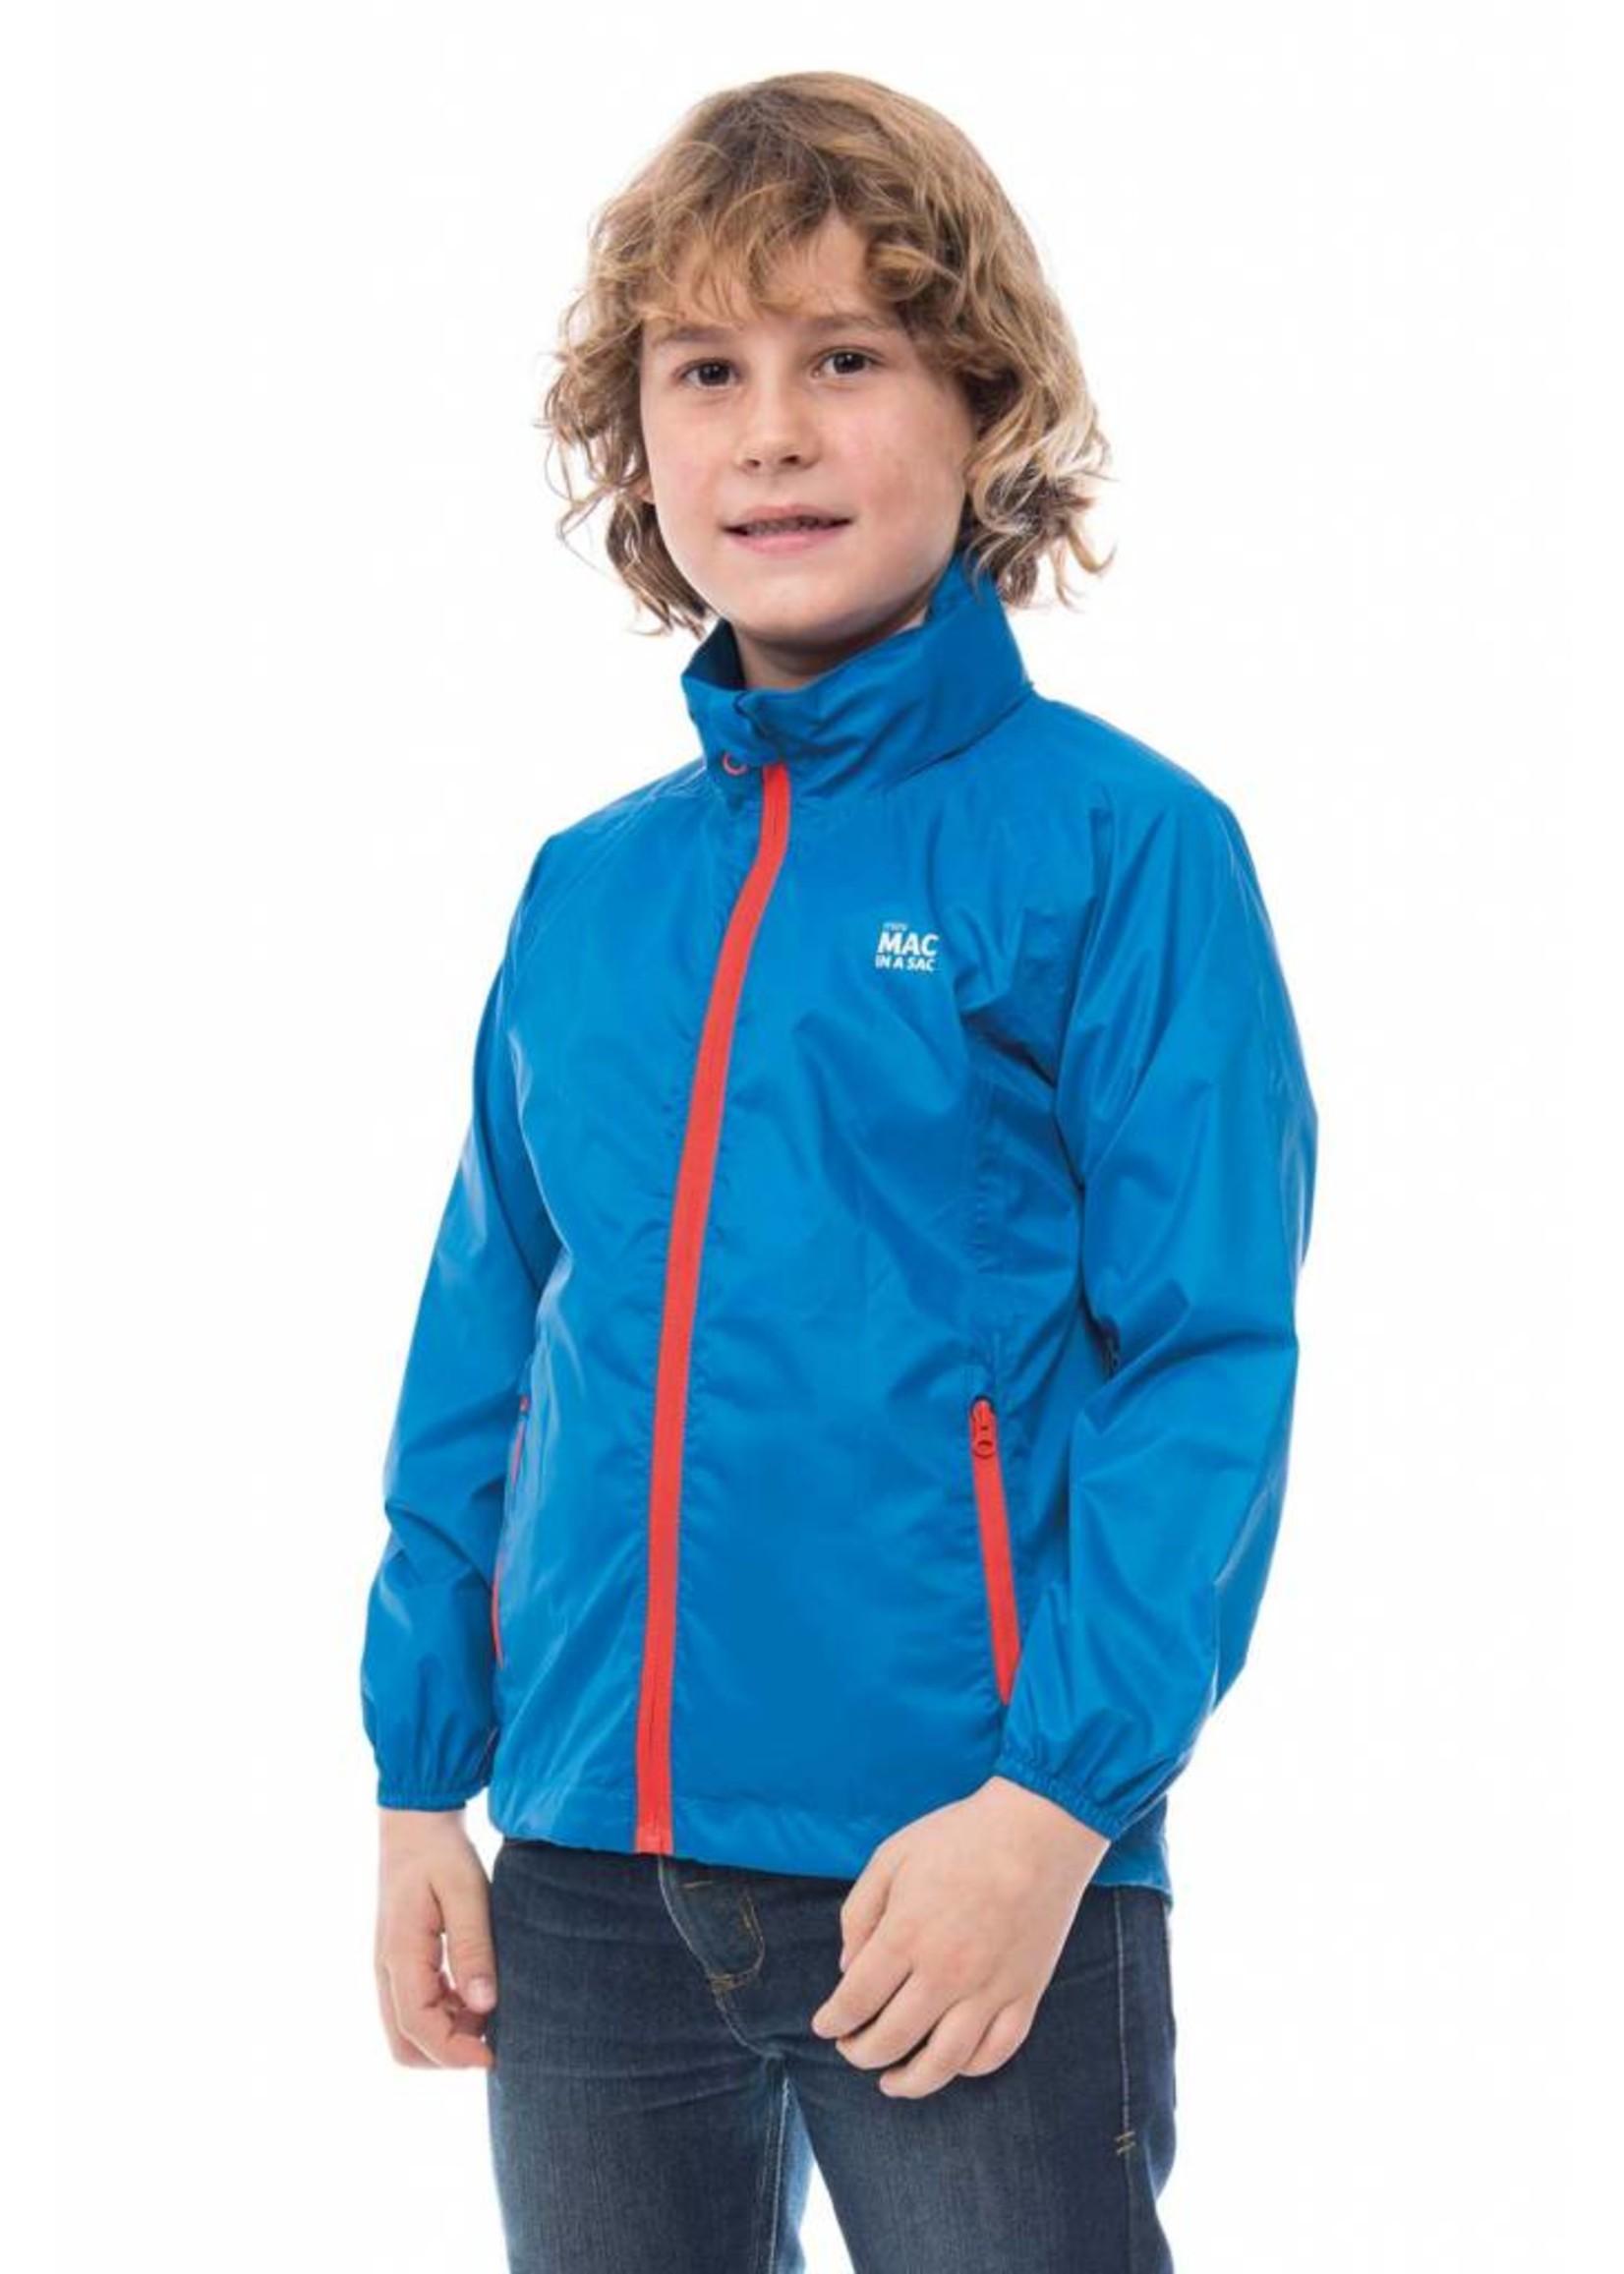 Mac In A Sac Mac In A Sac Junior Jacket